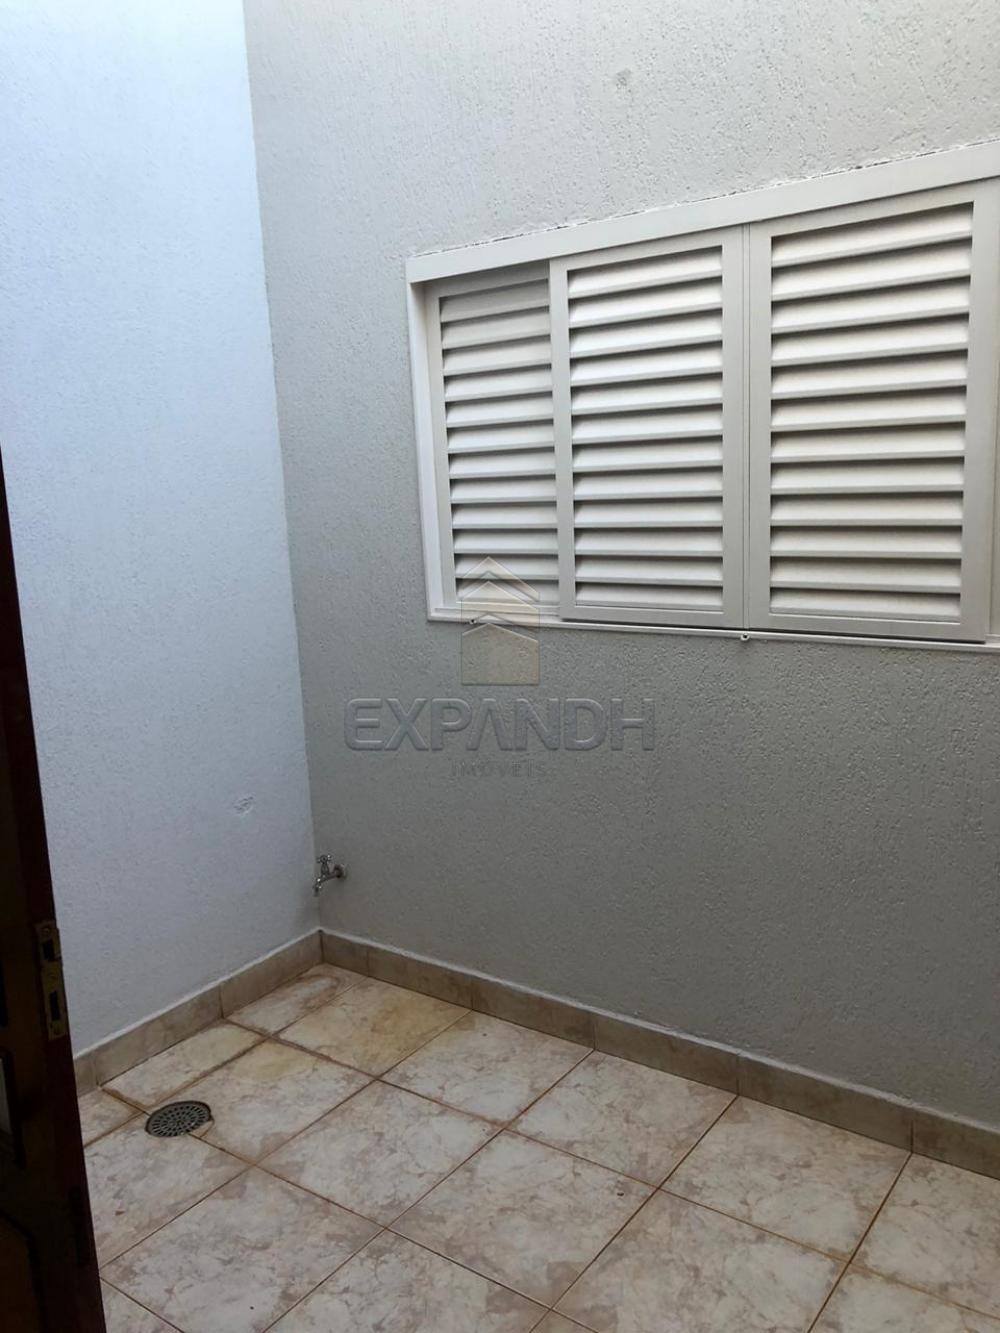 Alugar Casas / Padrão em Sertãozinho R$ 1.300,00 - Foto 9